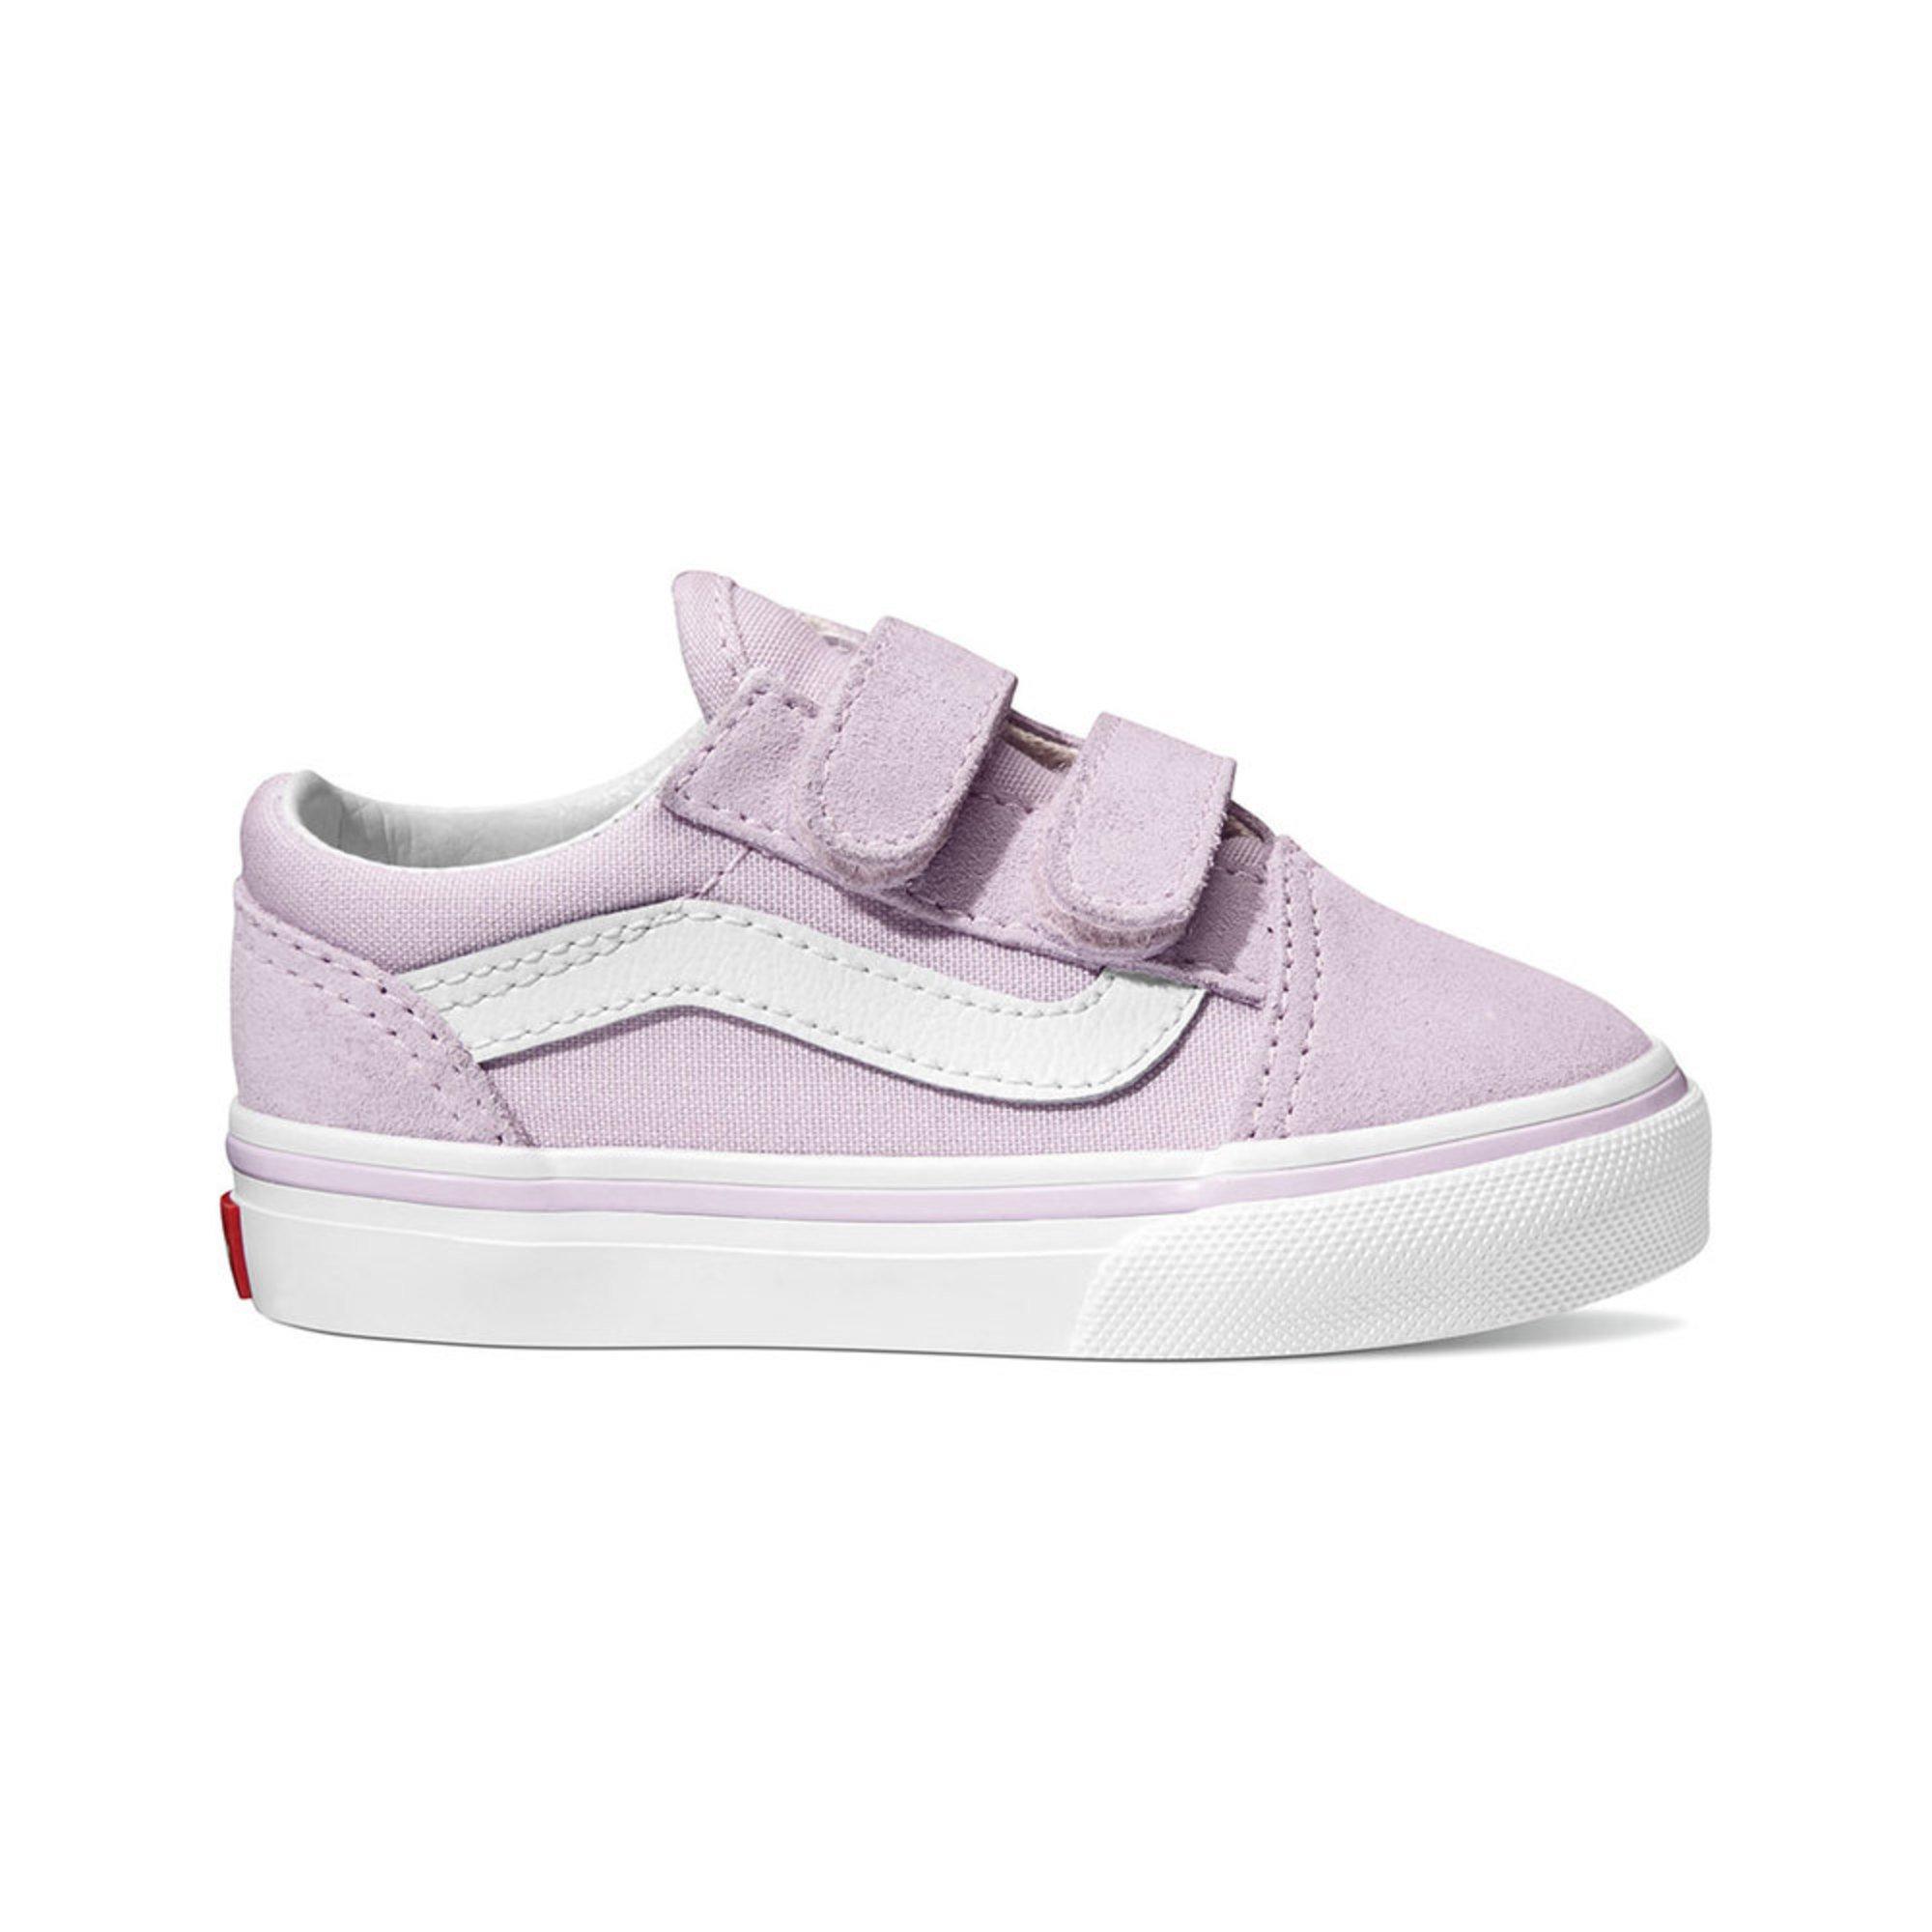 7daf2e1d96 Vans. Vans Girls Old Skool Skate Shoe (Infant Toddler)